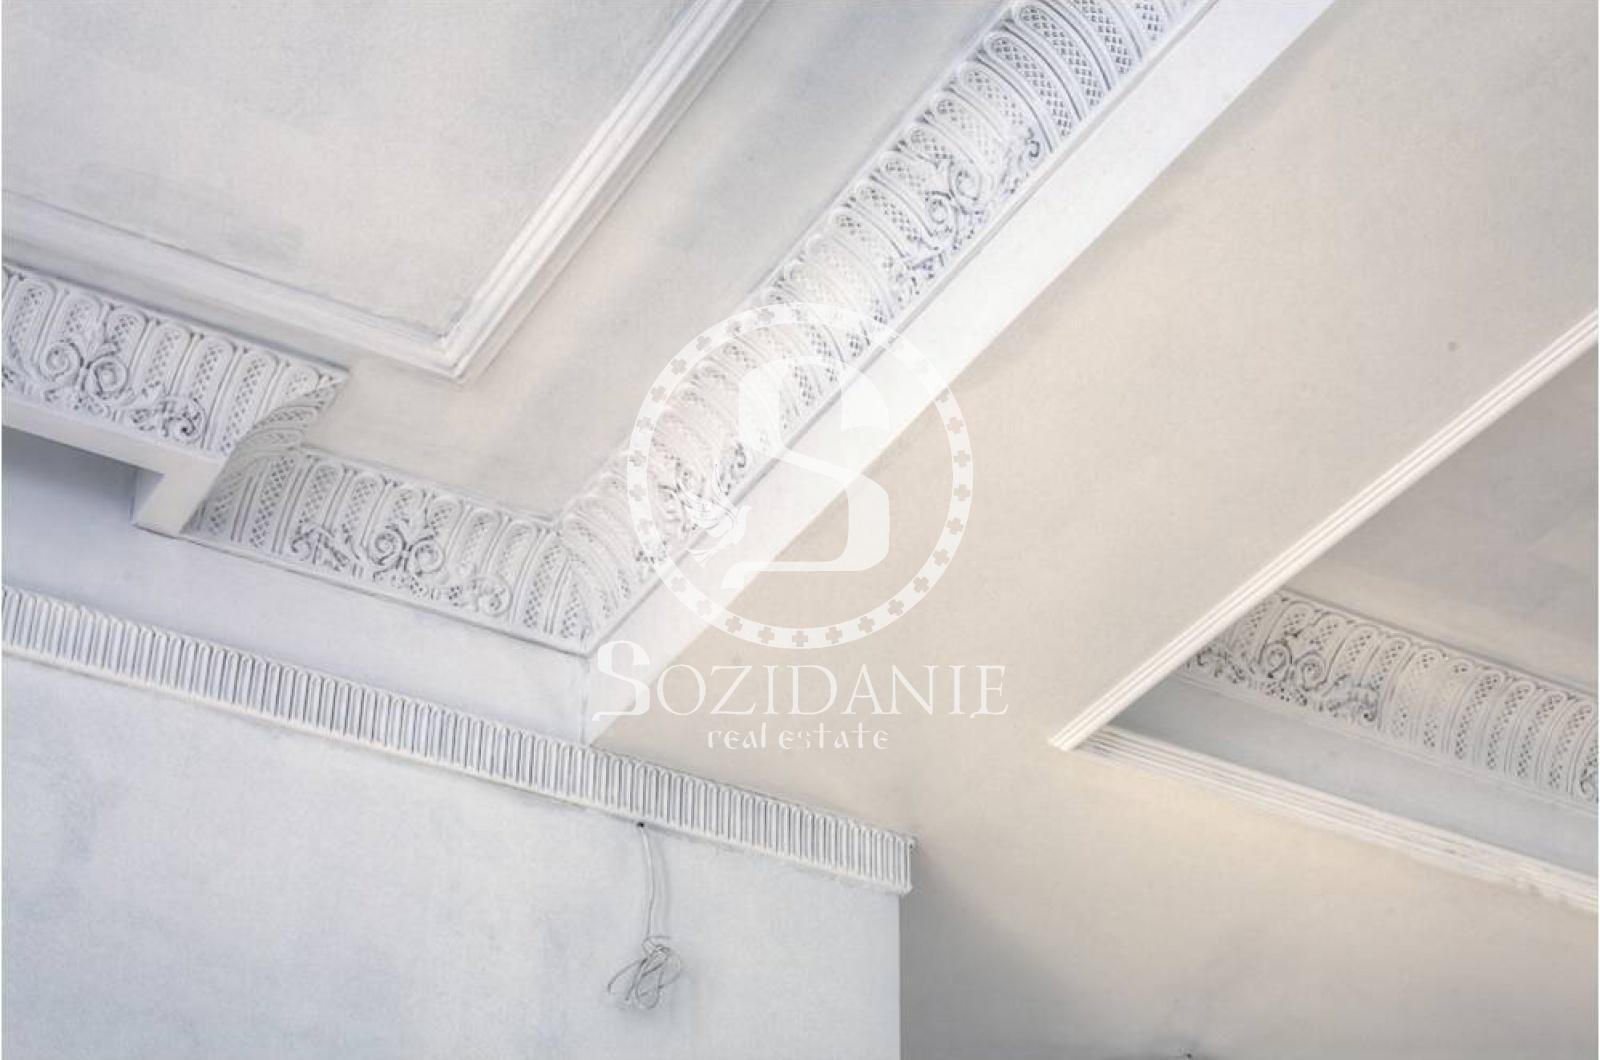 4 Bedrooms, Загородная, Продажа, Listing ID 1384, Московская область, Россия,